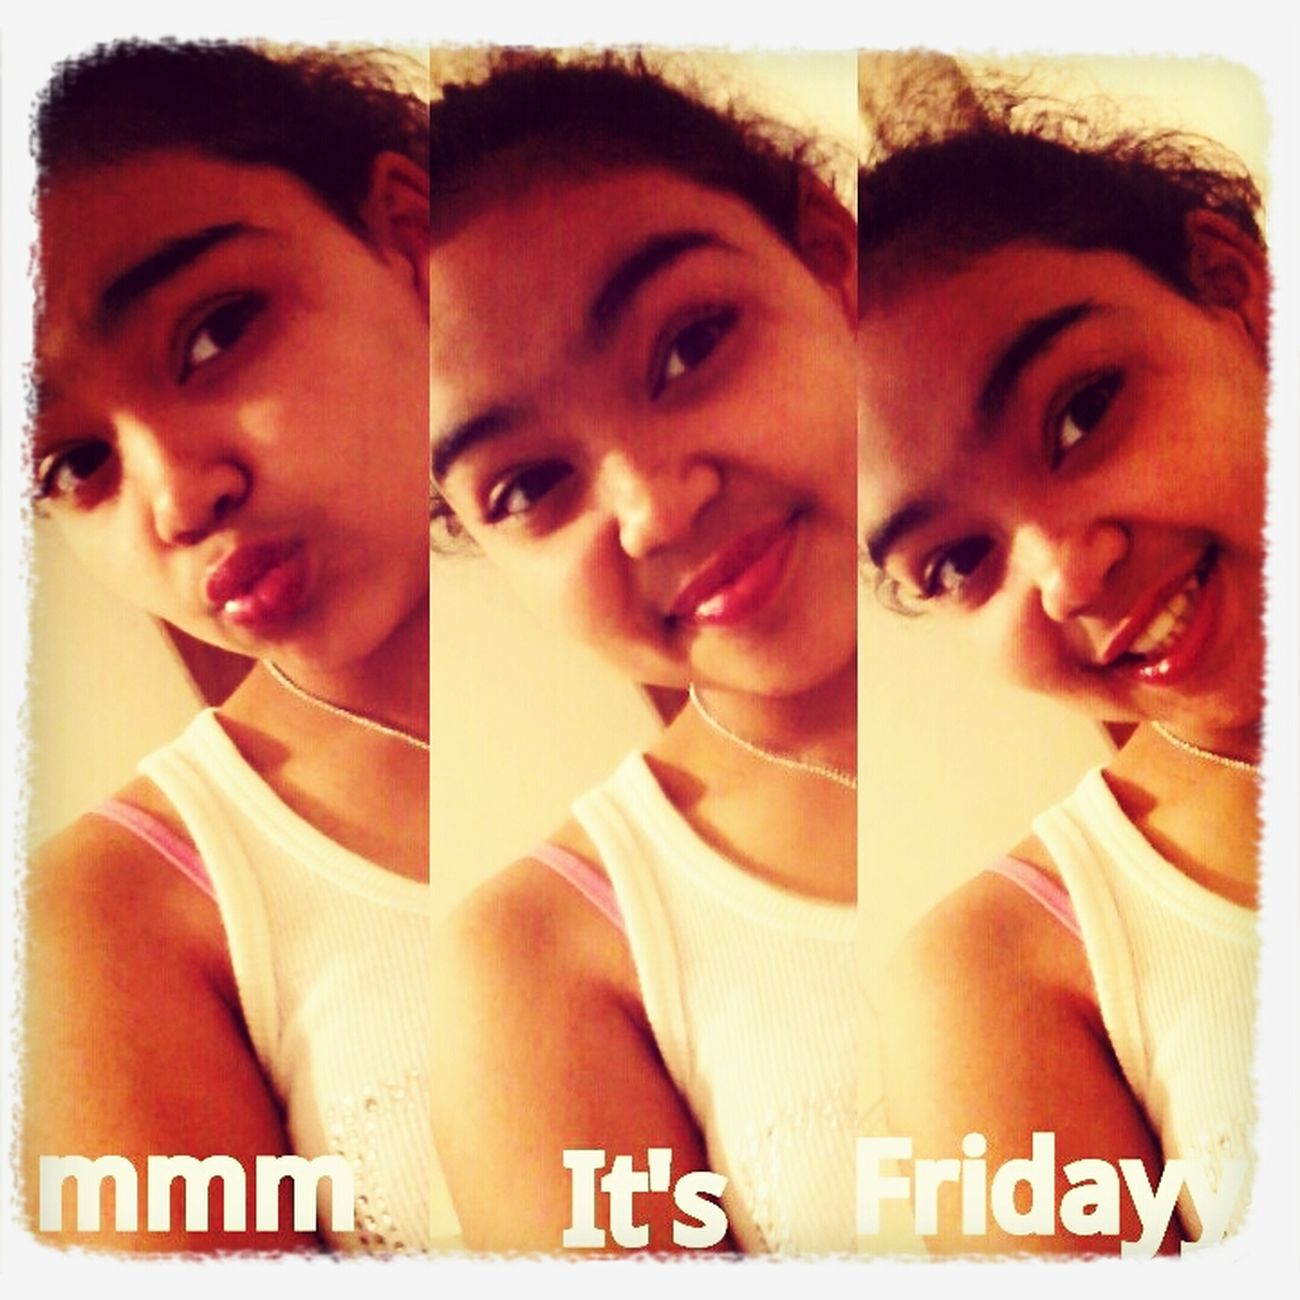 Mmm It's Fridayy..